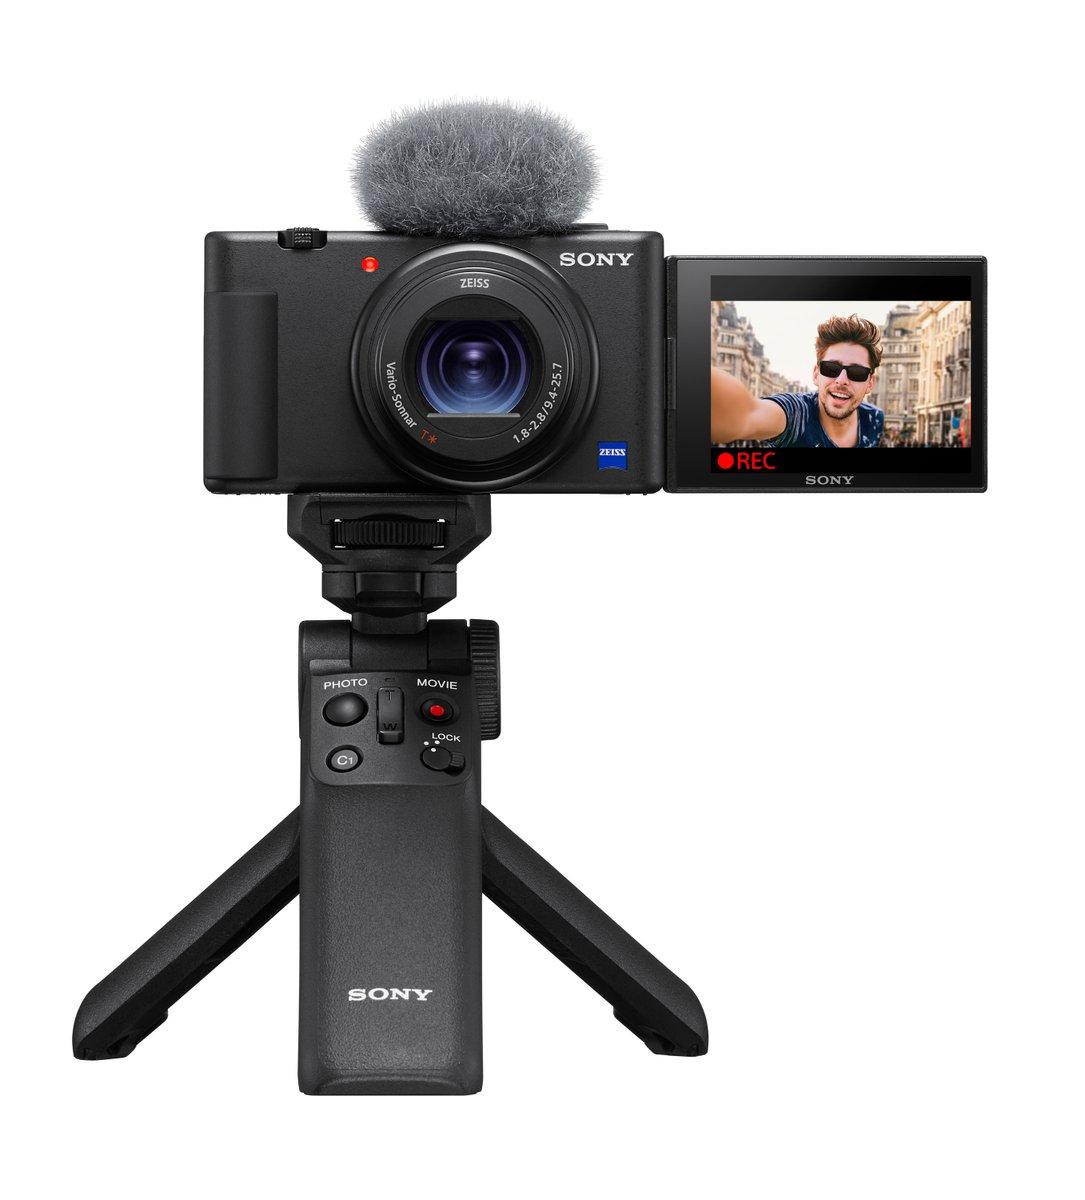 Sony introduceert de ultieme vlogcamera ZV-1! Deze lichtgewicht camera met hoogwaardige beeldtechnologie is specifiek ontworpen om te voldoen aan de behoeften van vloggers en contentmakers. Voor meer info, zie: https://t.co/Ycz4uTzcwo #vlogcamera #ZV1 https://t.co/z0kbP1y6T3